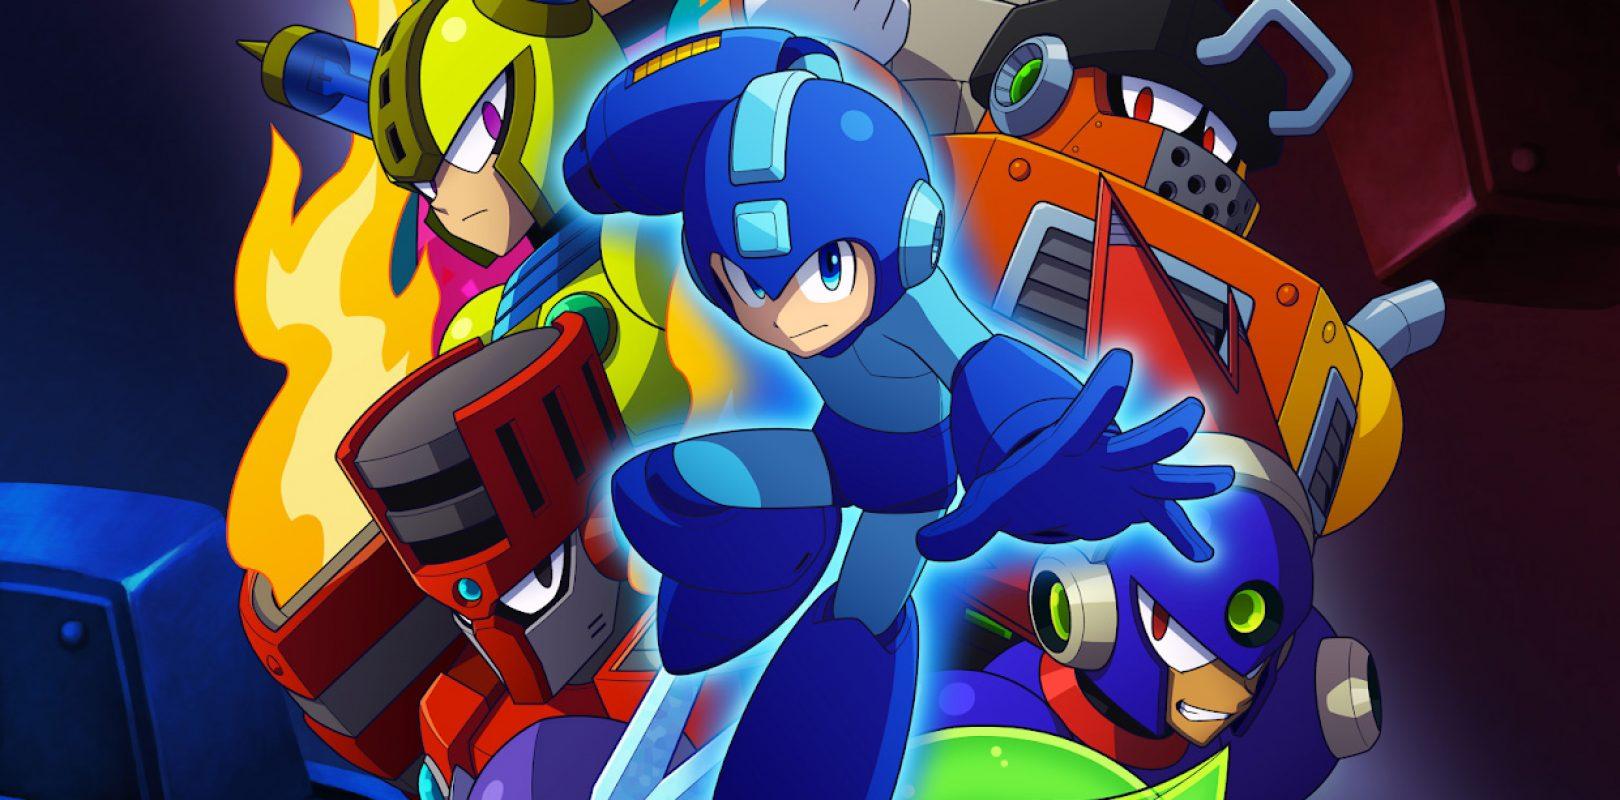 Recensione Mega Man 11 - Storia di un umanoide in lotta continua thumbnail